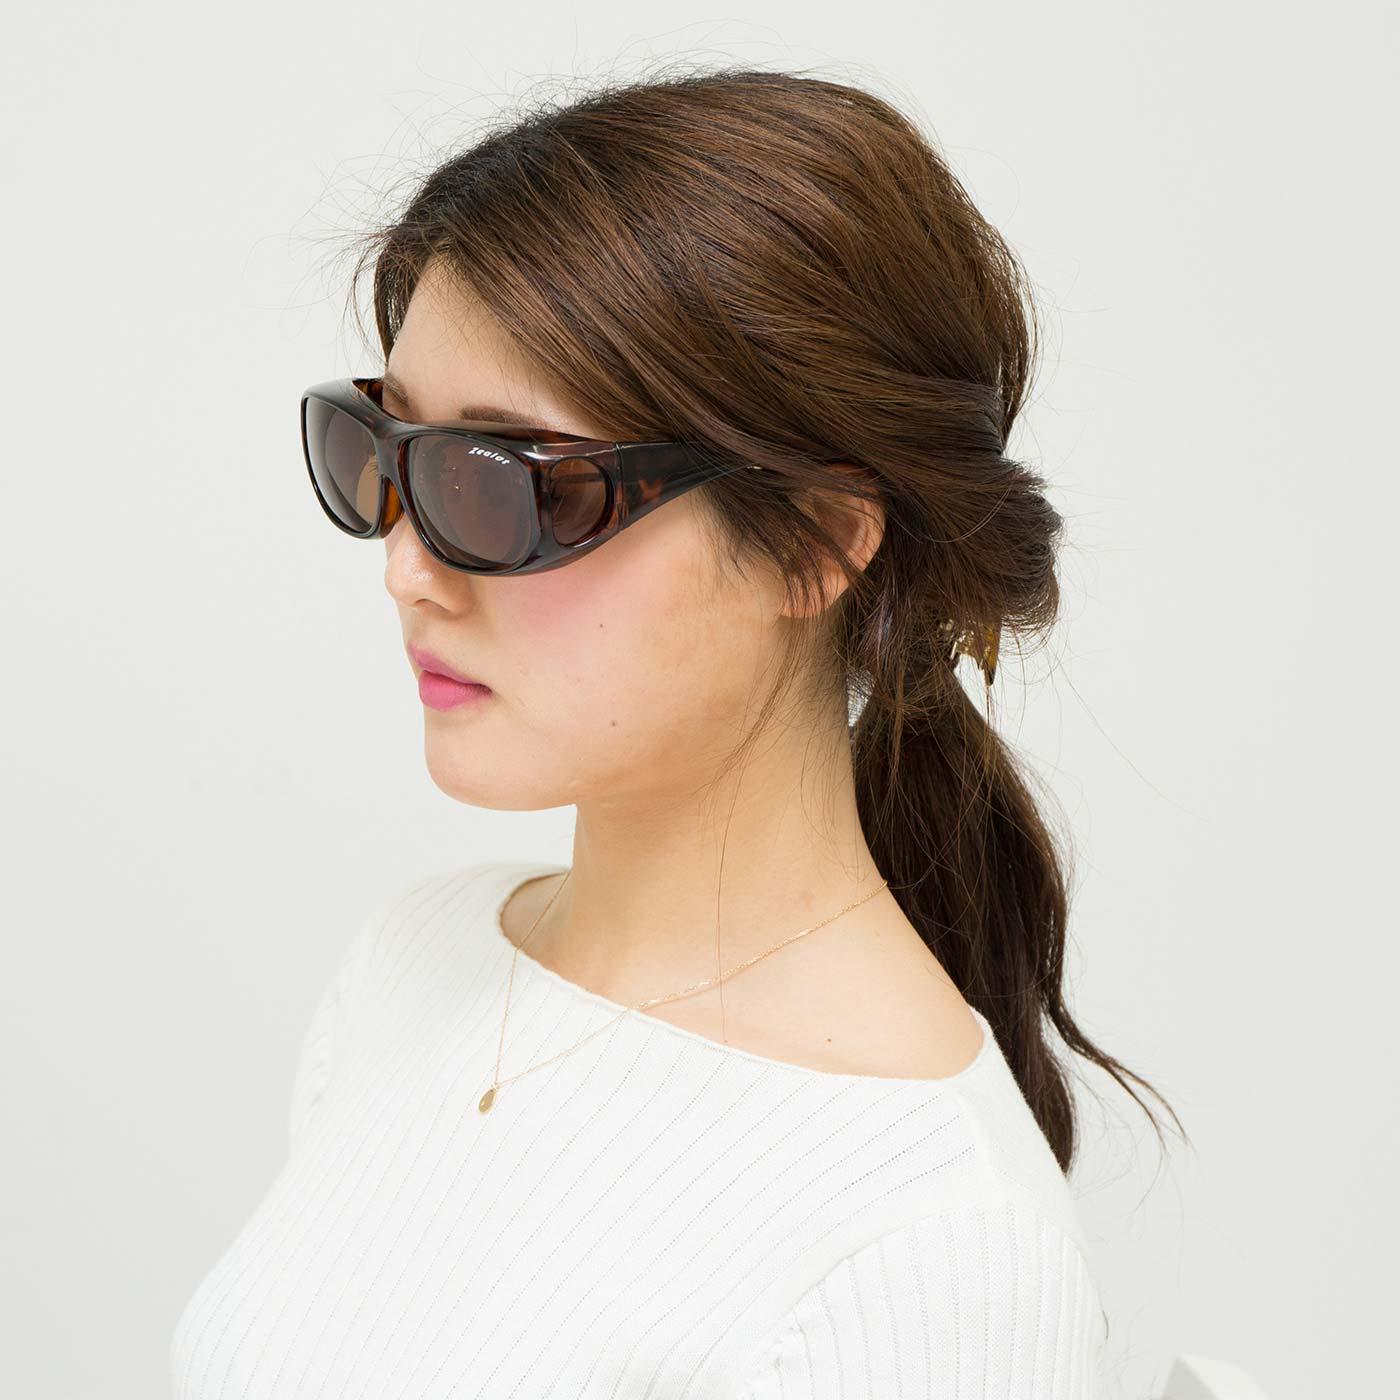 フェリシモ 眼鏡の上からOK! 全方向からしっかり守る UV&偏光レンズのサングラス